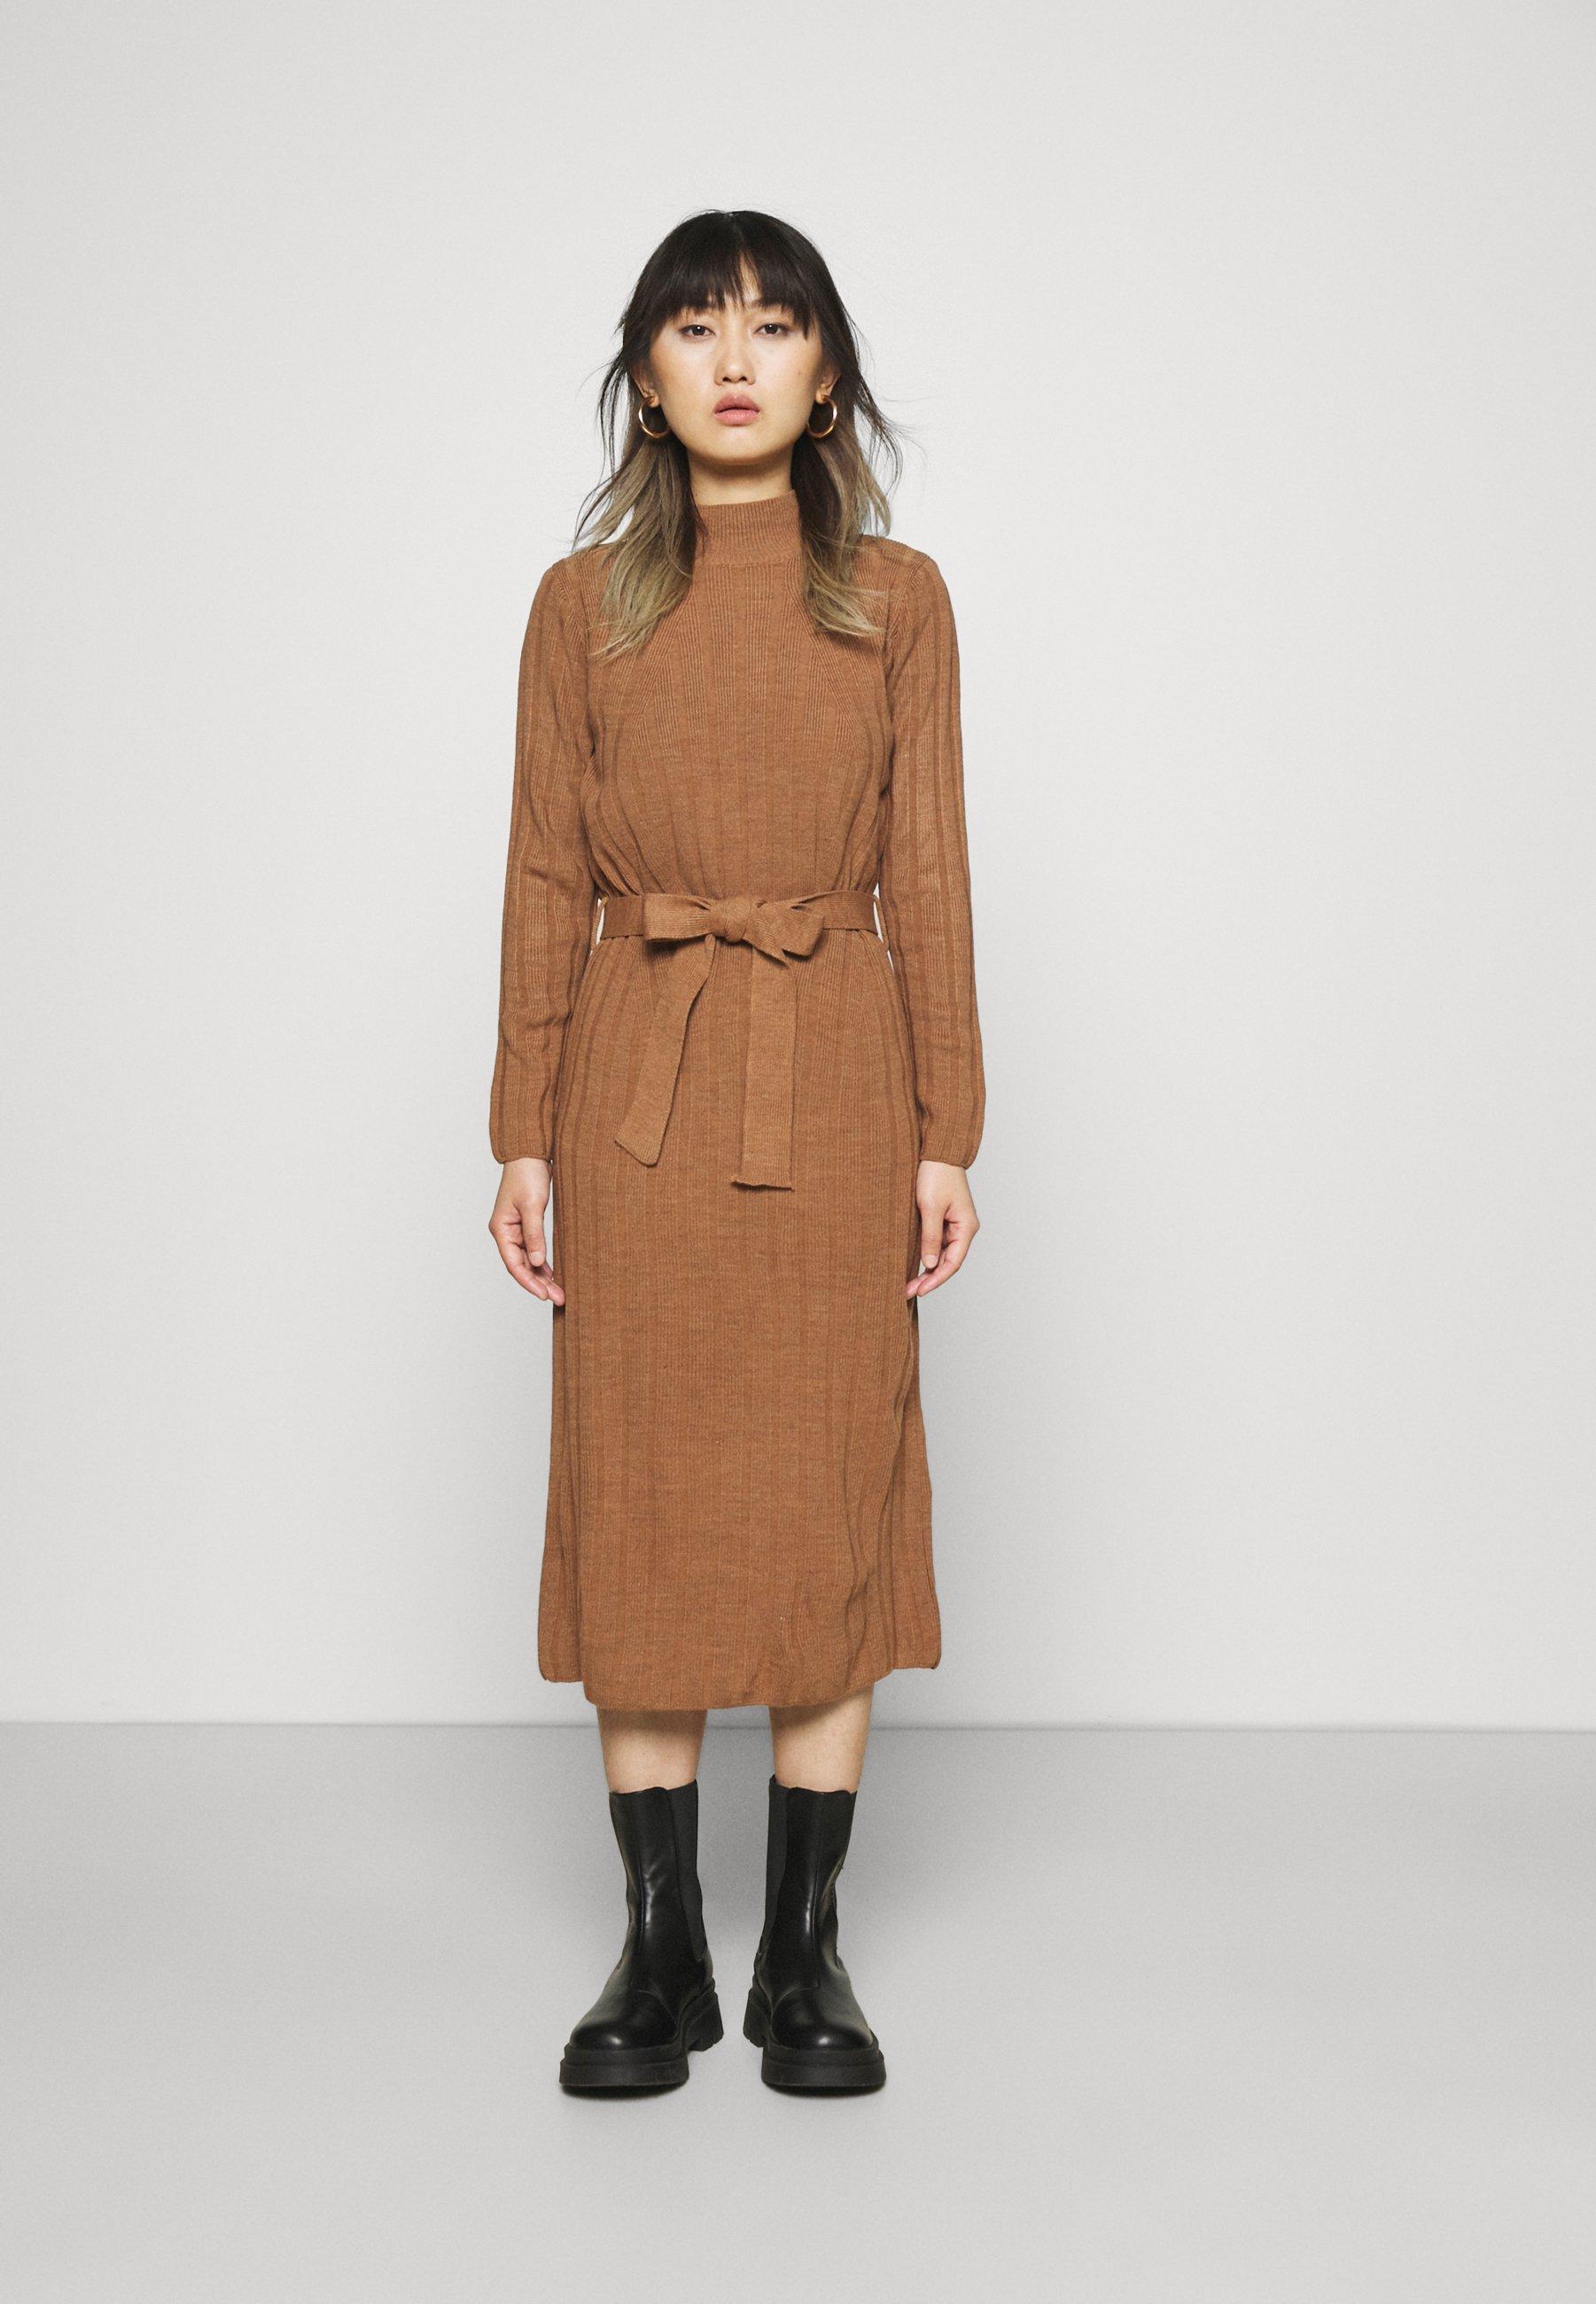 Femme ONLNEW TESSA O-NECK DRESS - Robe pull - argan oil